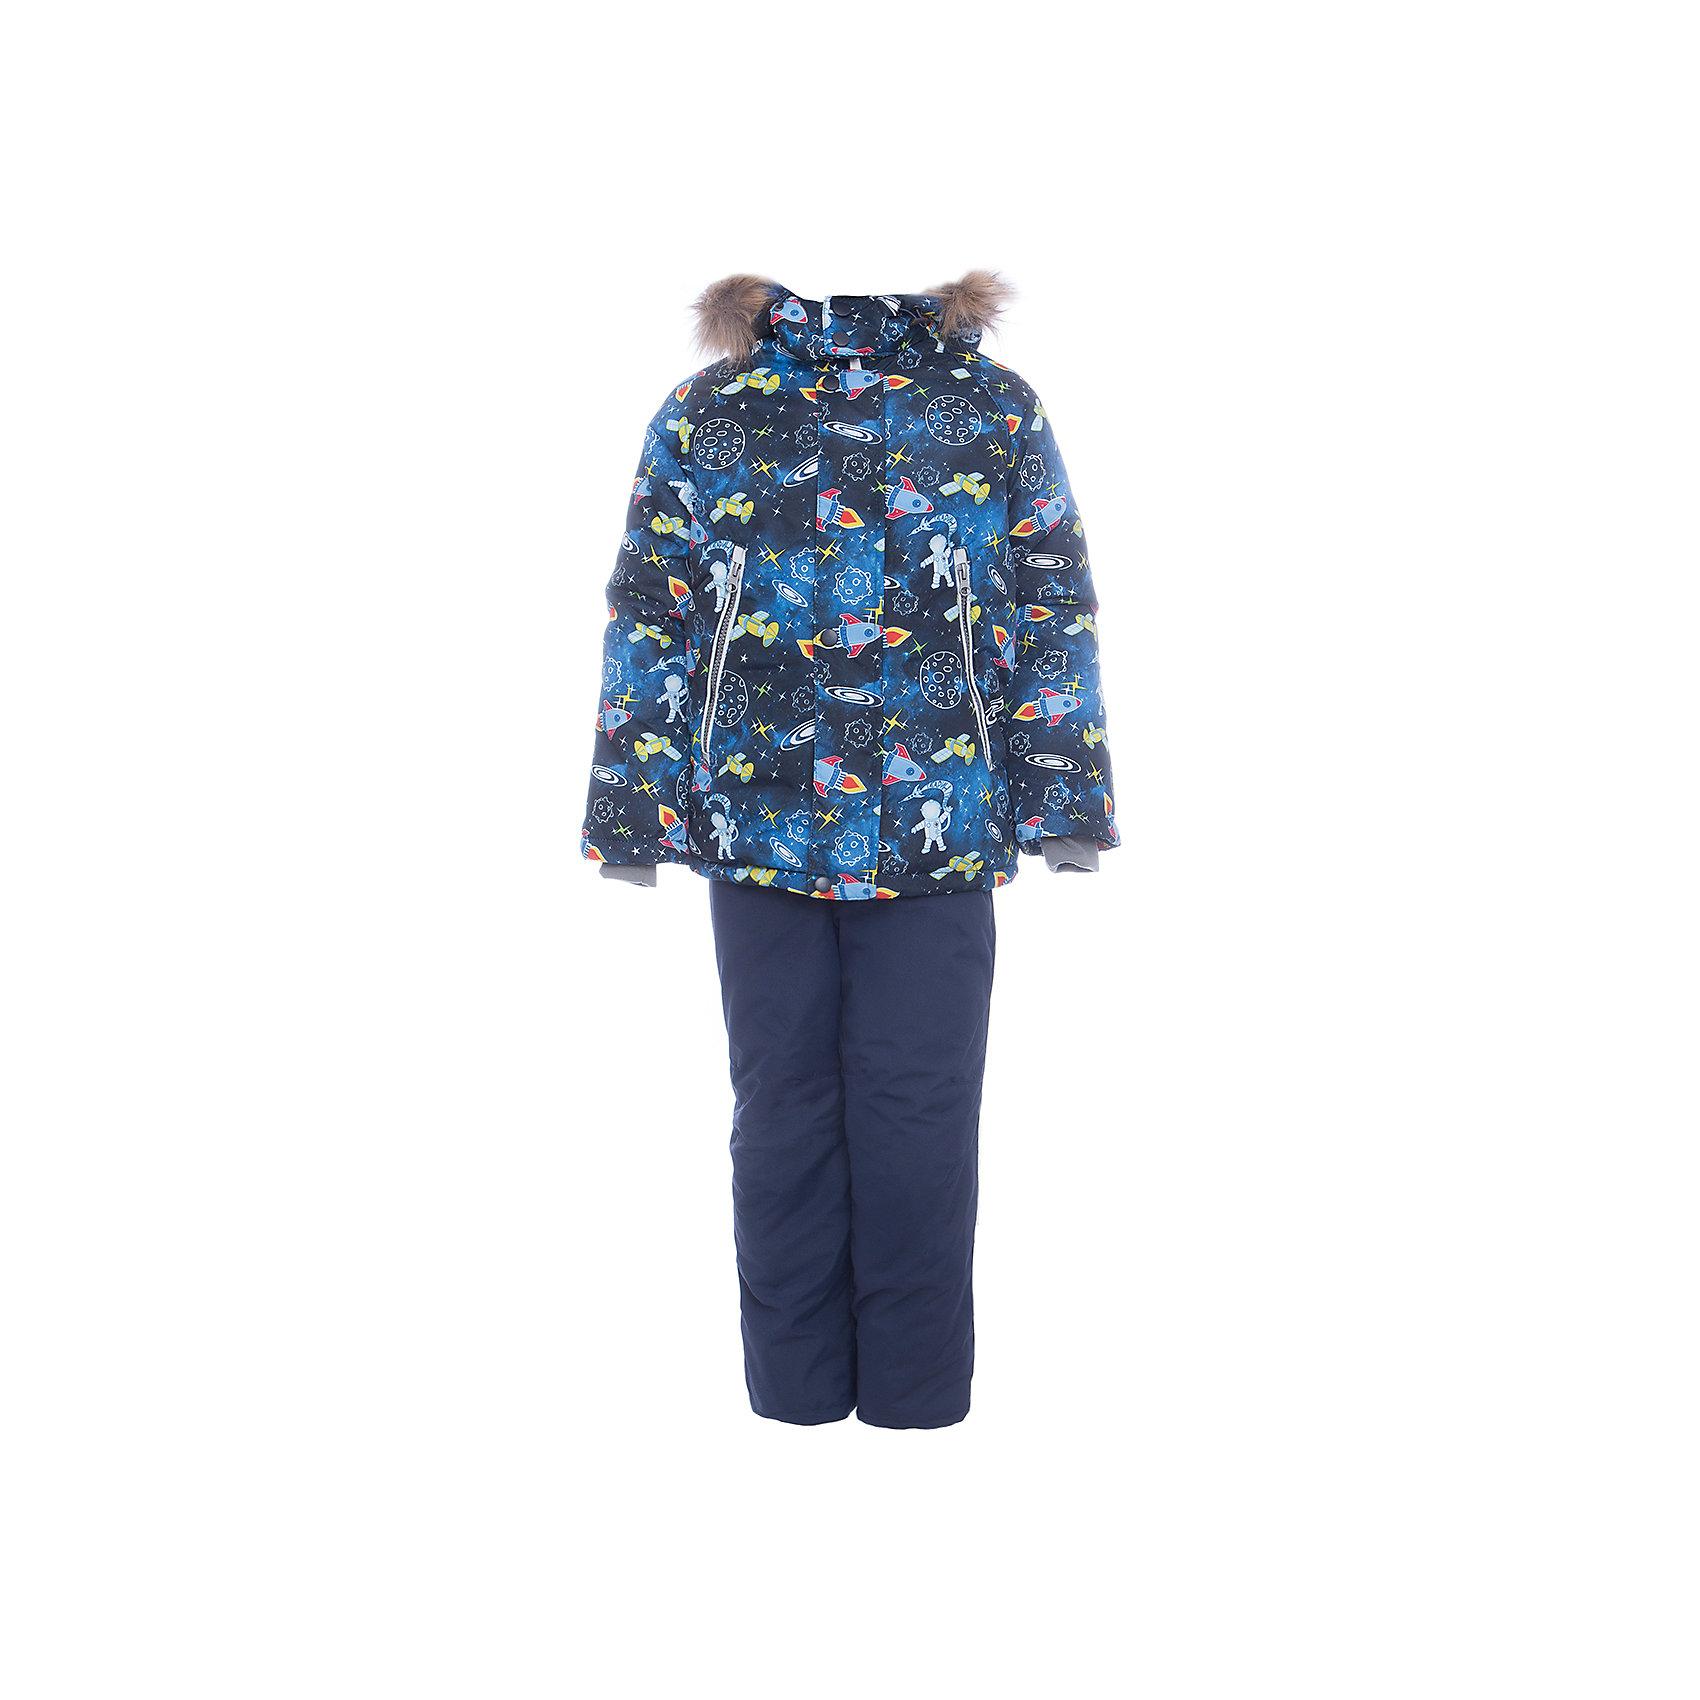 Комплект: куртка и полукомбенизон Космос Batik для мальчикаВерхняя одежда<br>Комплект: куртка и полукомбенизон Космос Batik для мальчика<br>Верхняя ткань обладает водоотталкивающими и ветрозащитными свойствами мембраны. Куртка на молнии с ветрозащитной планкой, светоотражающими элементами и съемным капюшоном. Полукомбинезон с отстегивающимися лямками.<br>Состав:<br>Ткань верха - TASLON OXFORD;  Утеплитель - Слайтекс 350;  Подкладка - Полар флис;<br><br>Ширина мм: 356<br>Глубина мм: 10<br>Высота мм: 245<br>Вес г: 519<br>Цвет: синий<br>Возраст от месяцев: 24<br>Возраст до месяцев: 36<br>Пол: Мужской<br>Возраст: Детский<br>Размер: 98,86,92<br>SKU: 7028281